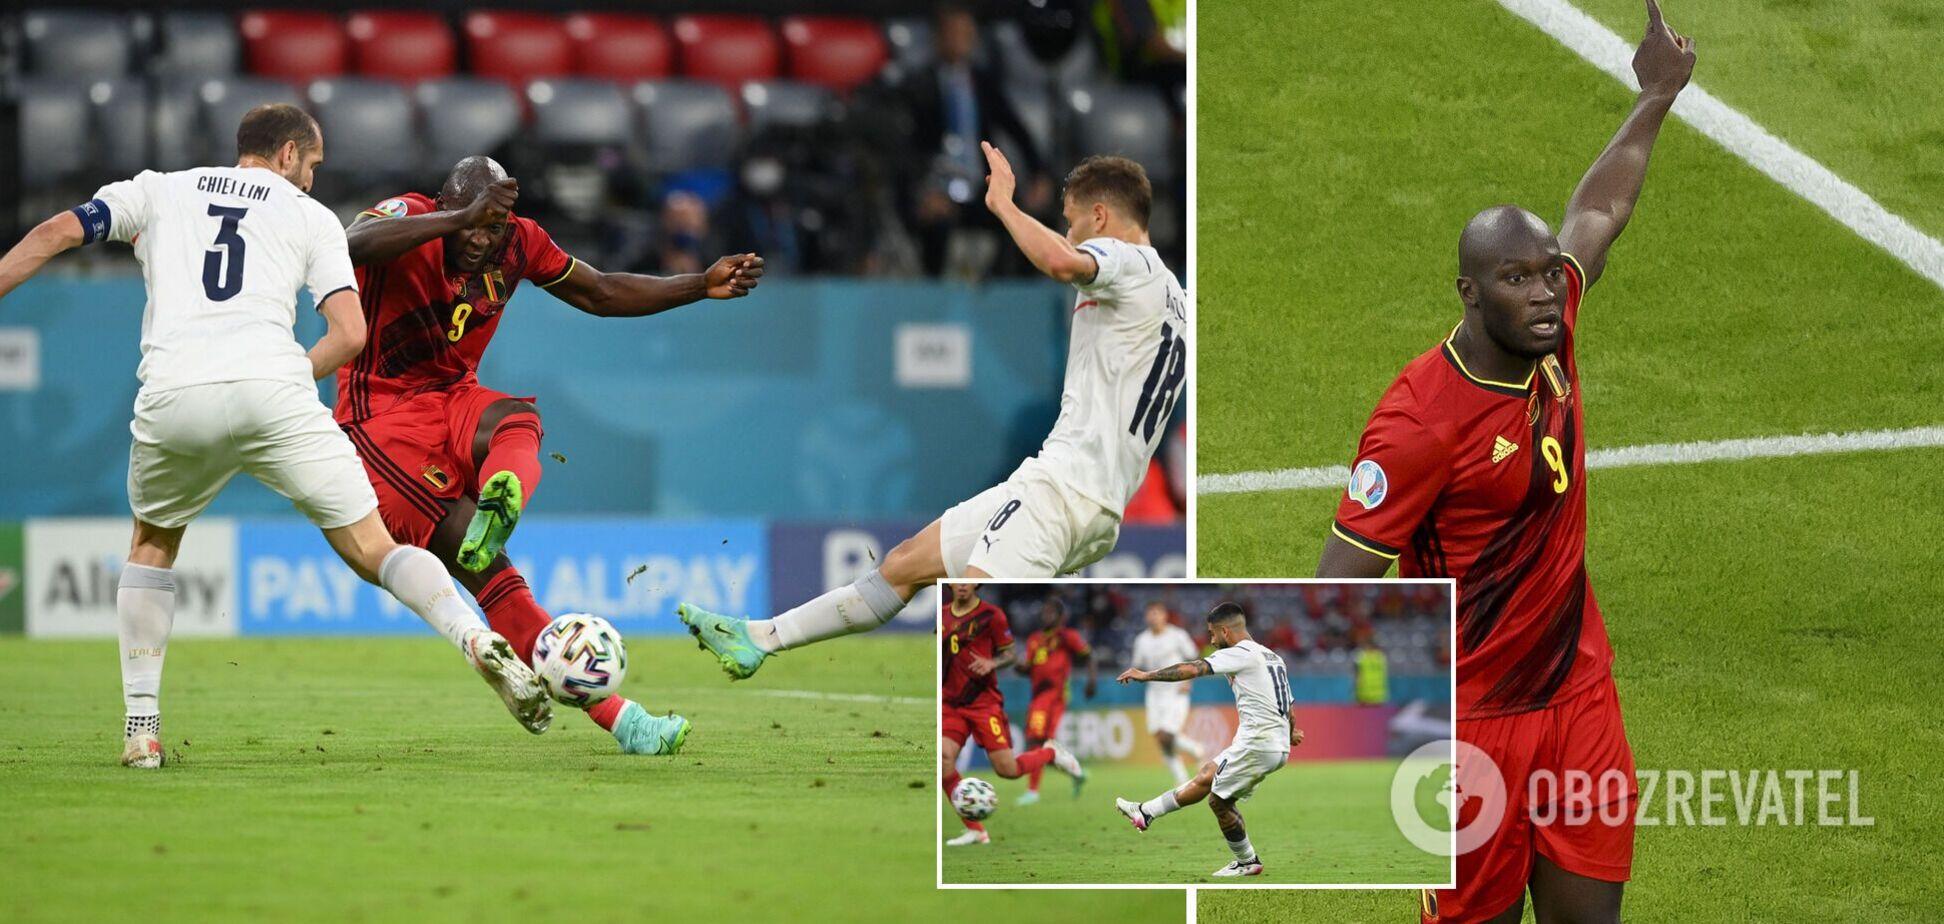 Італія в розкішному матчі обіграла Бельгію і вийшла до півфіналу Євро-2020